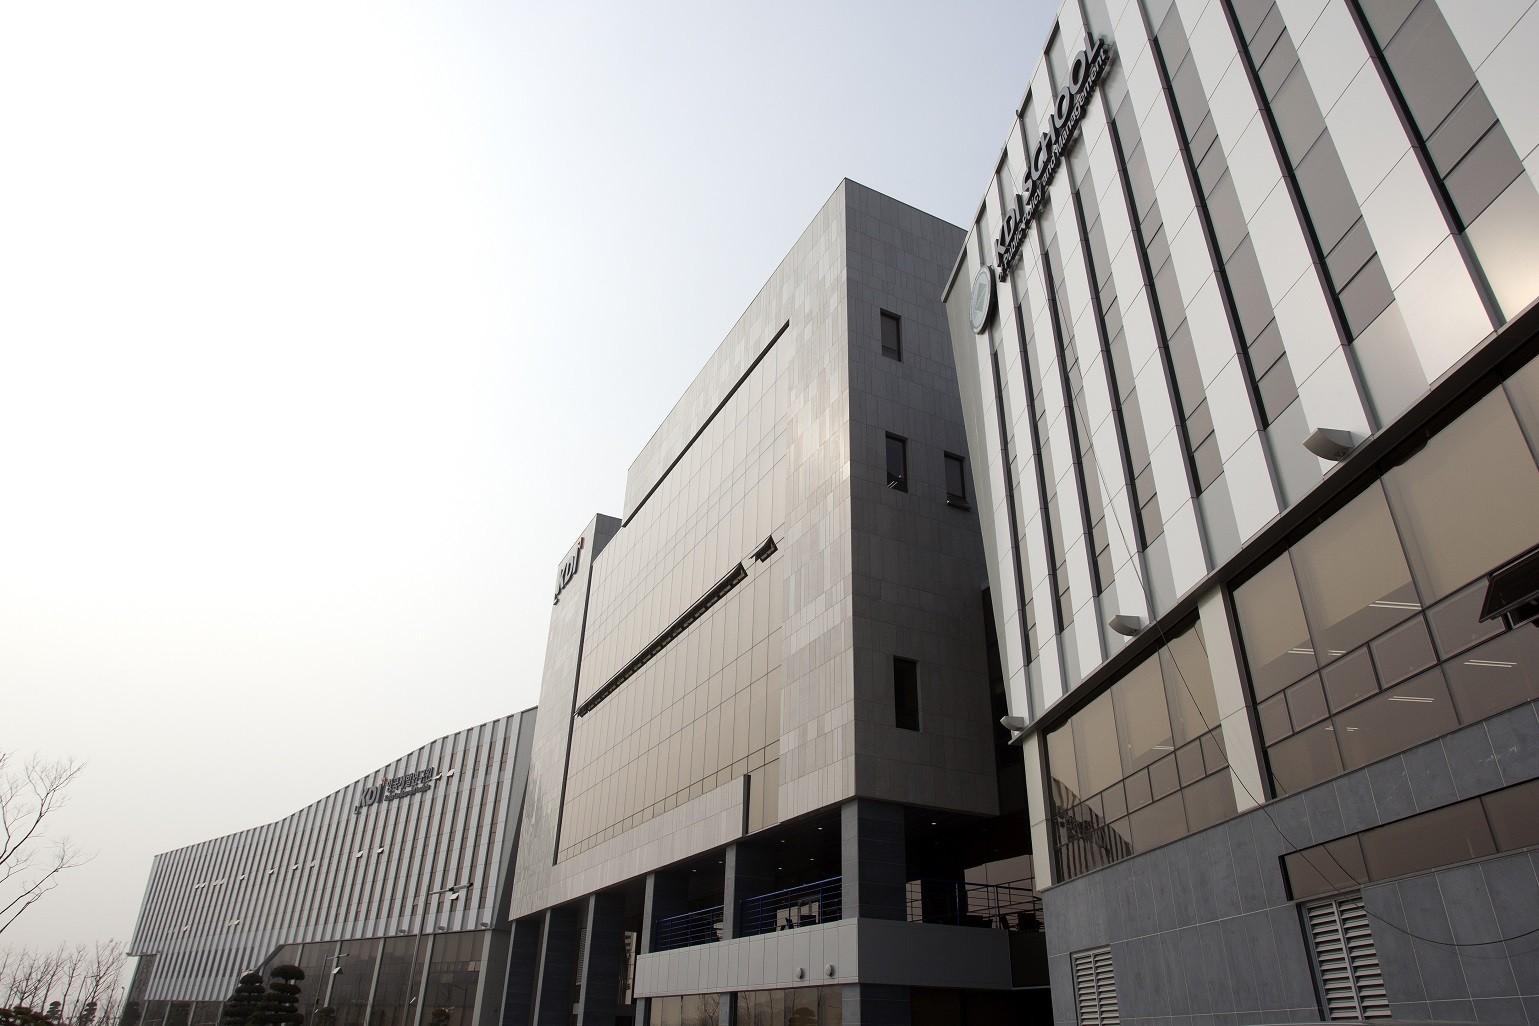 Viện quản lý và chính sách công KDI Hàn Quốc